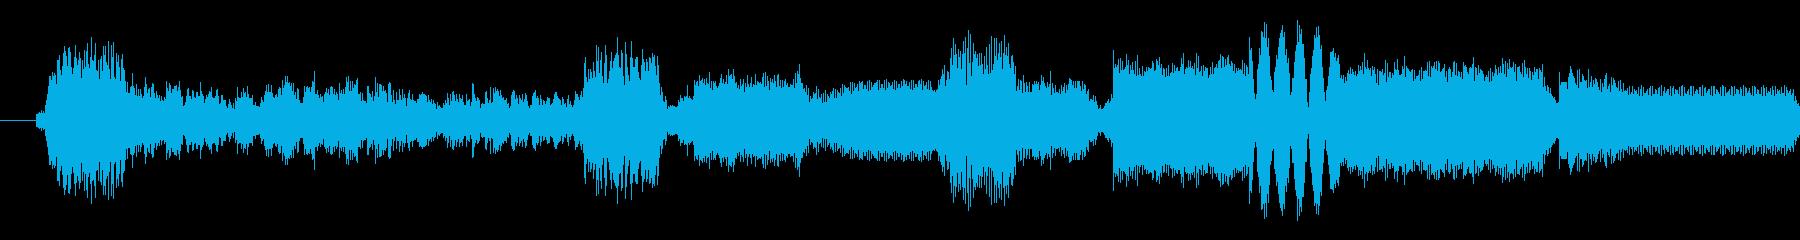 追跡デバイスがオン;面白いトーンの...の再生済みの波形